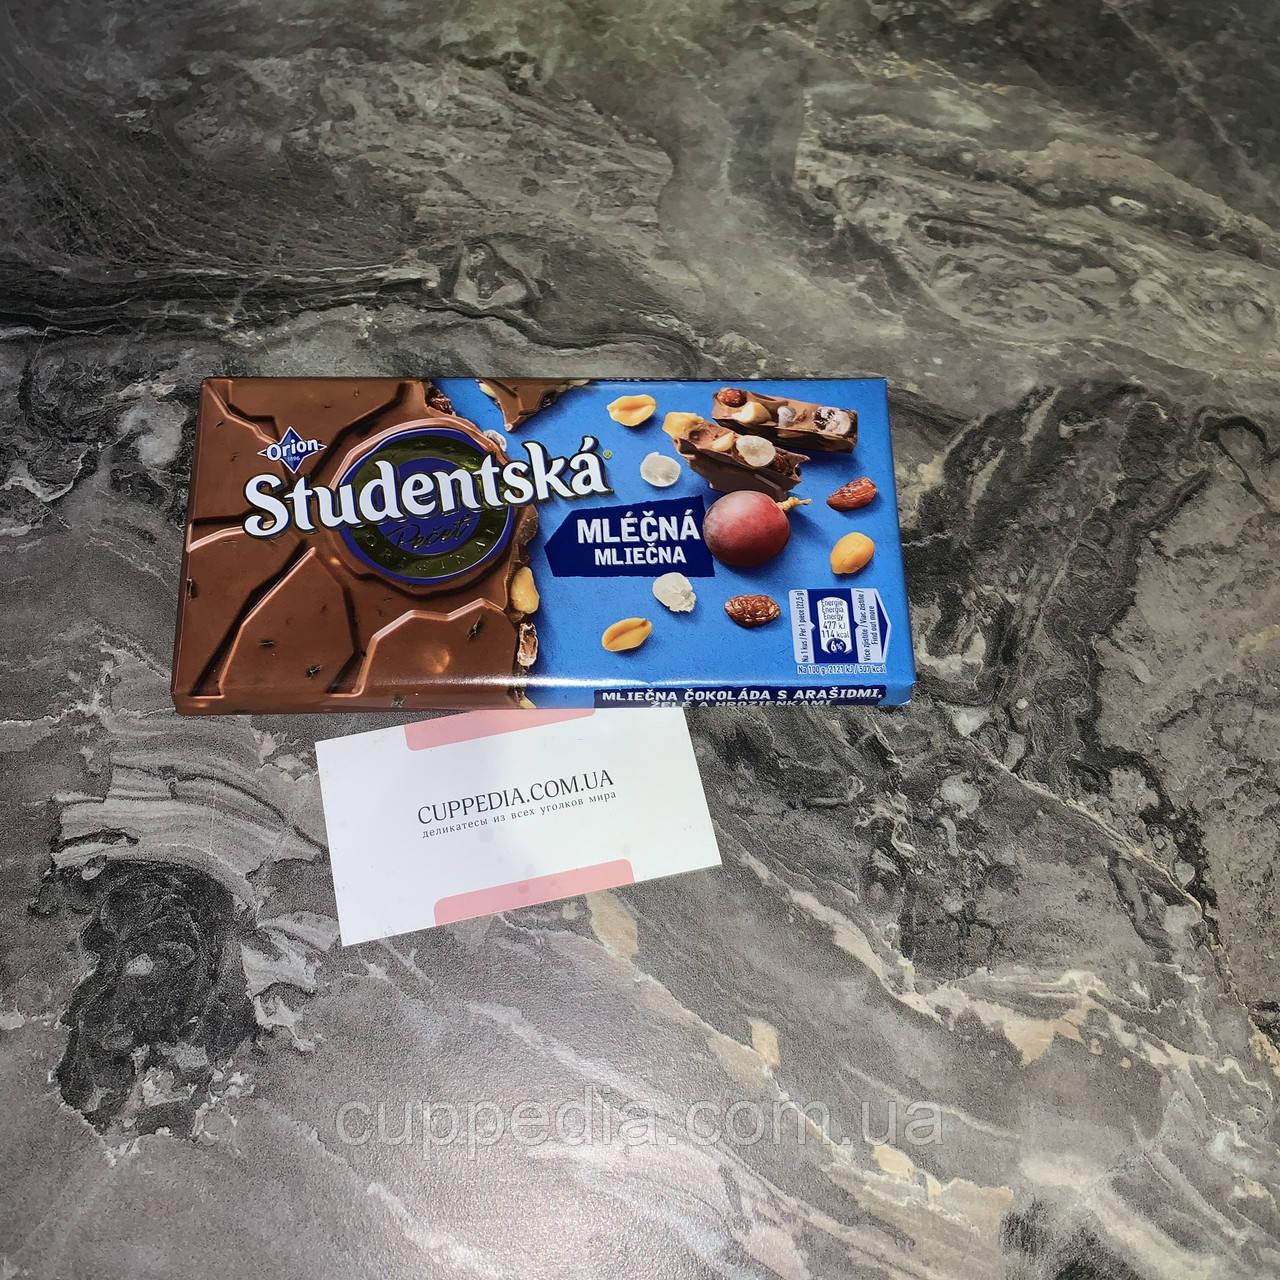 Молочный шоколад Studentska 180 грм